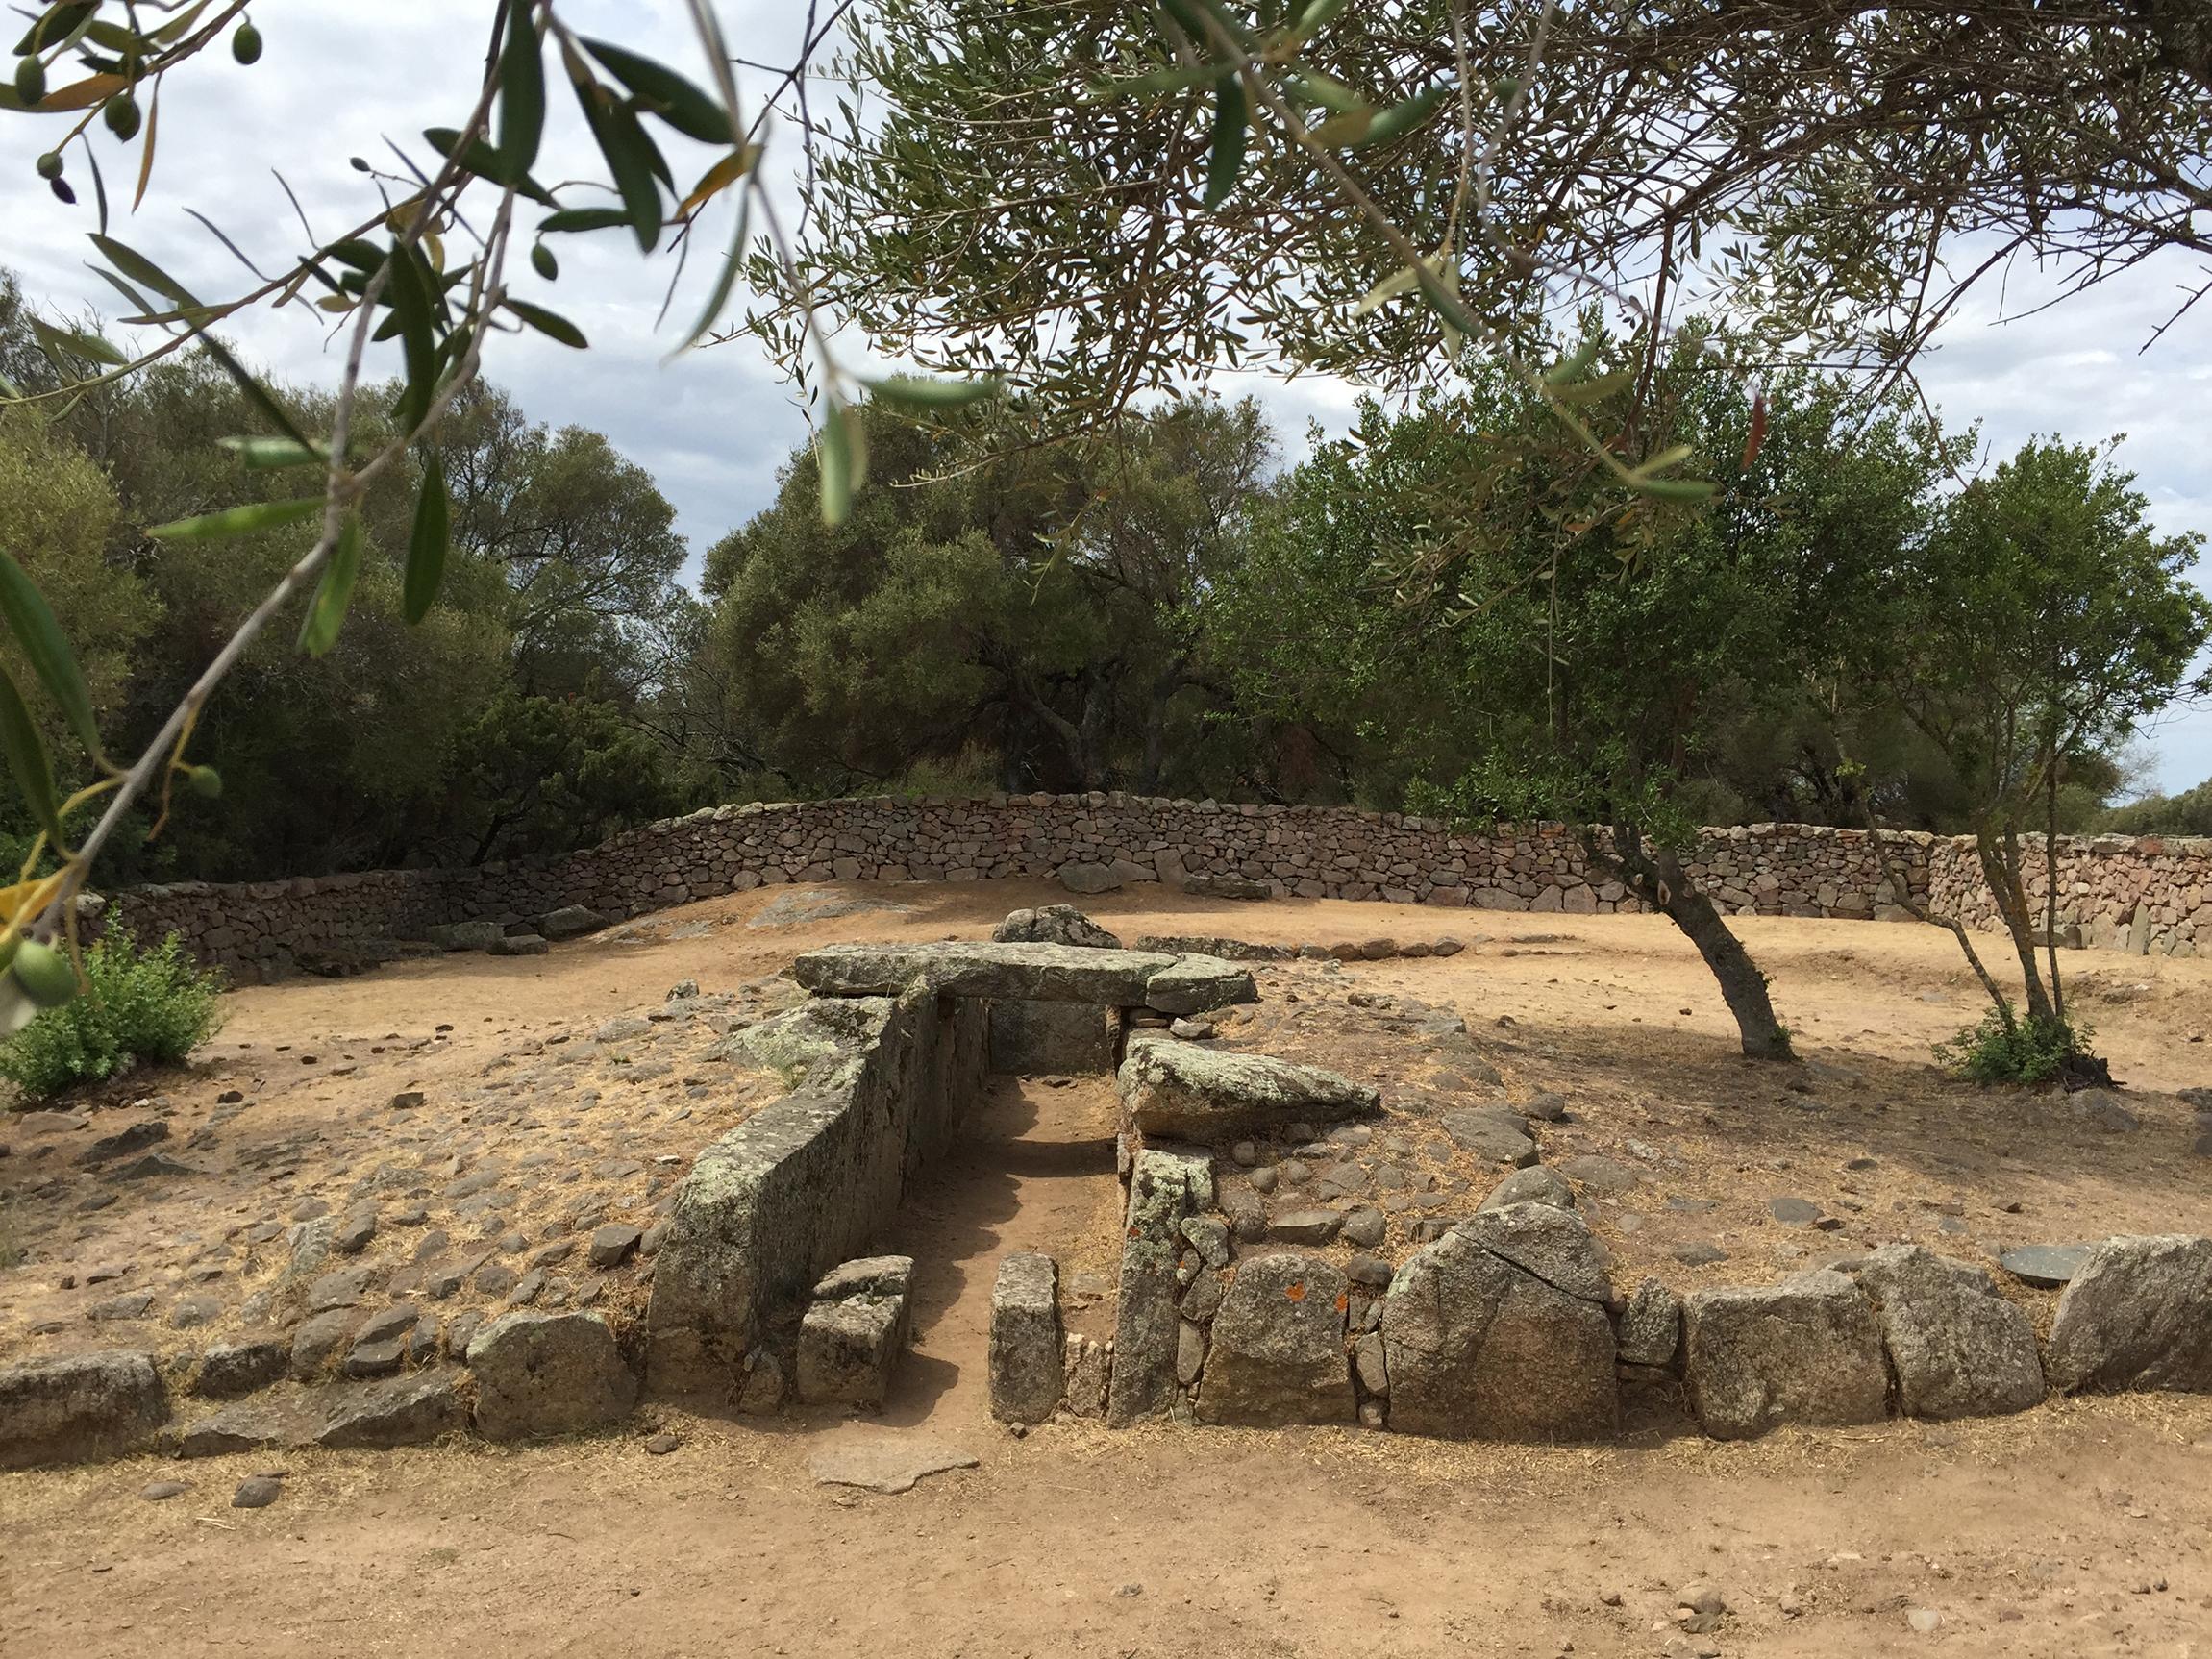 Tomba dei Giganti Moru - Parco archeologico di Arzachena (su concessione del MIBAC -Soprintendenza Archeologia, Belle Arti e Paesaggio per le Province di Sassari e Nuoro)